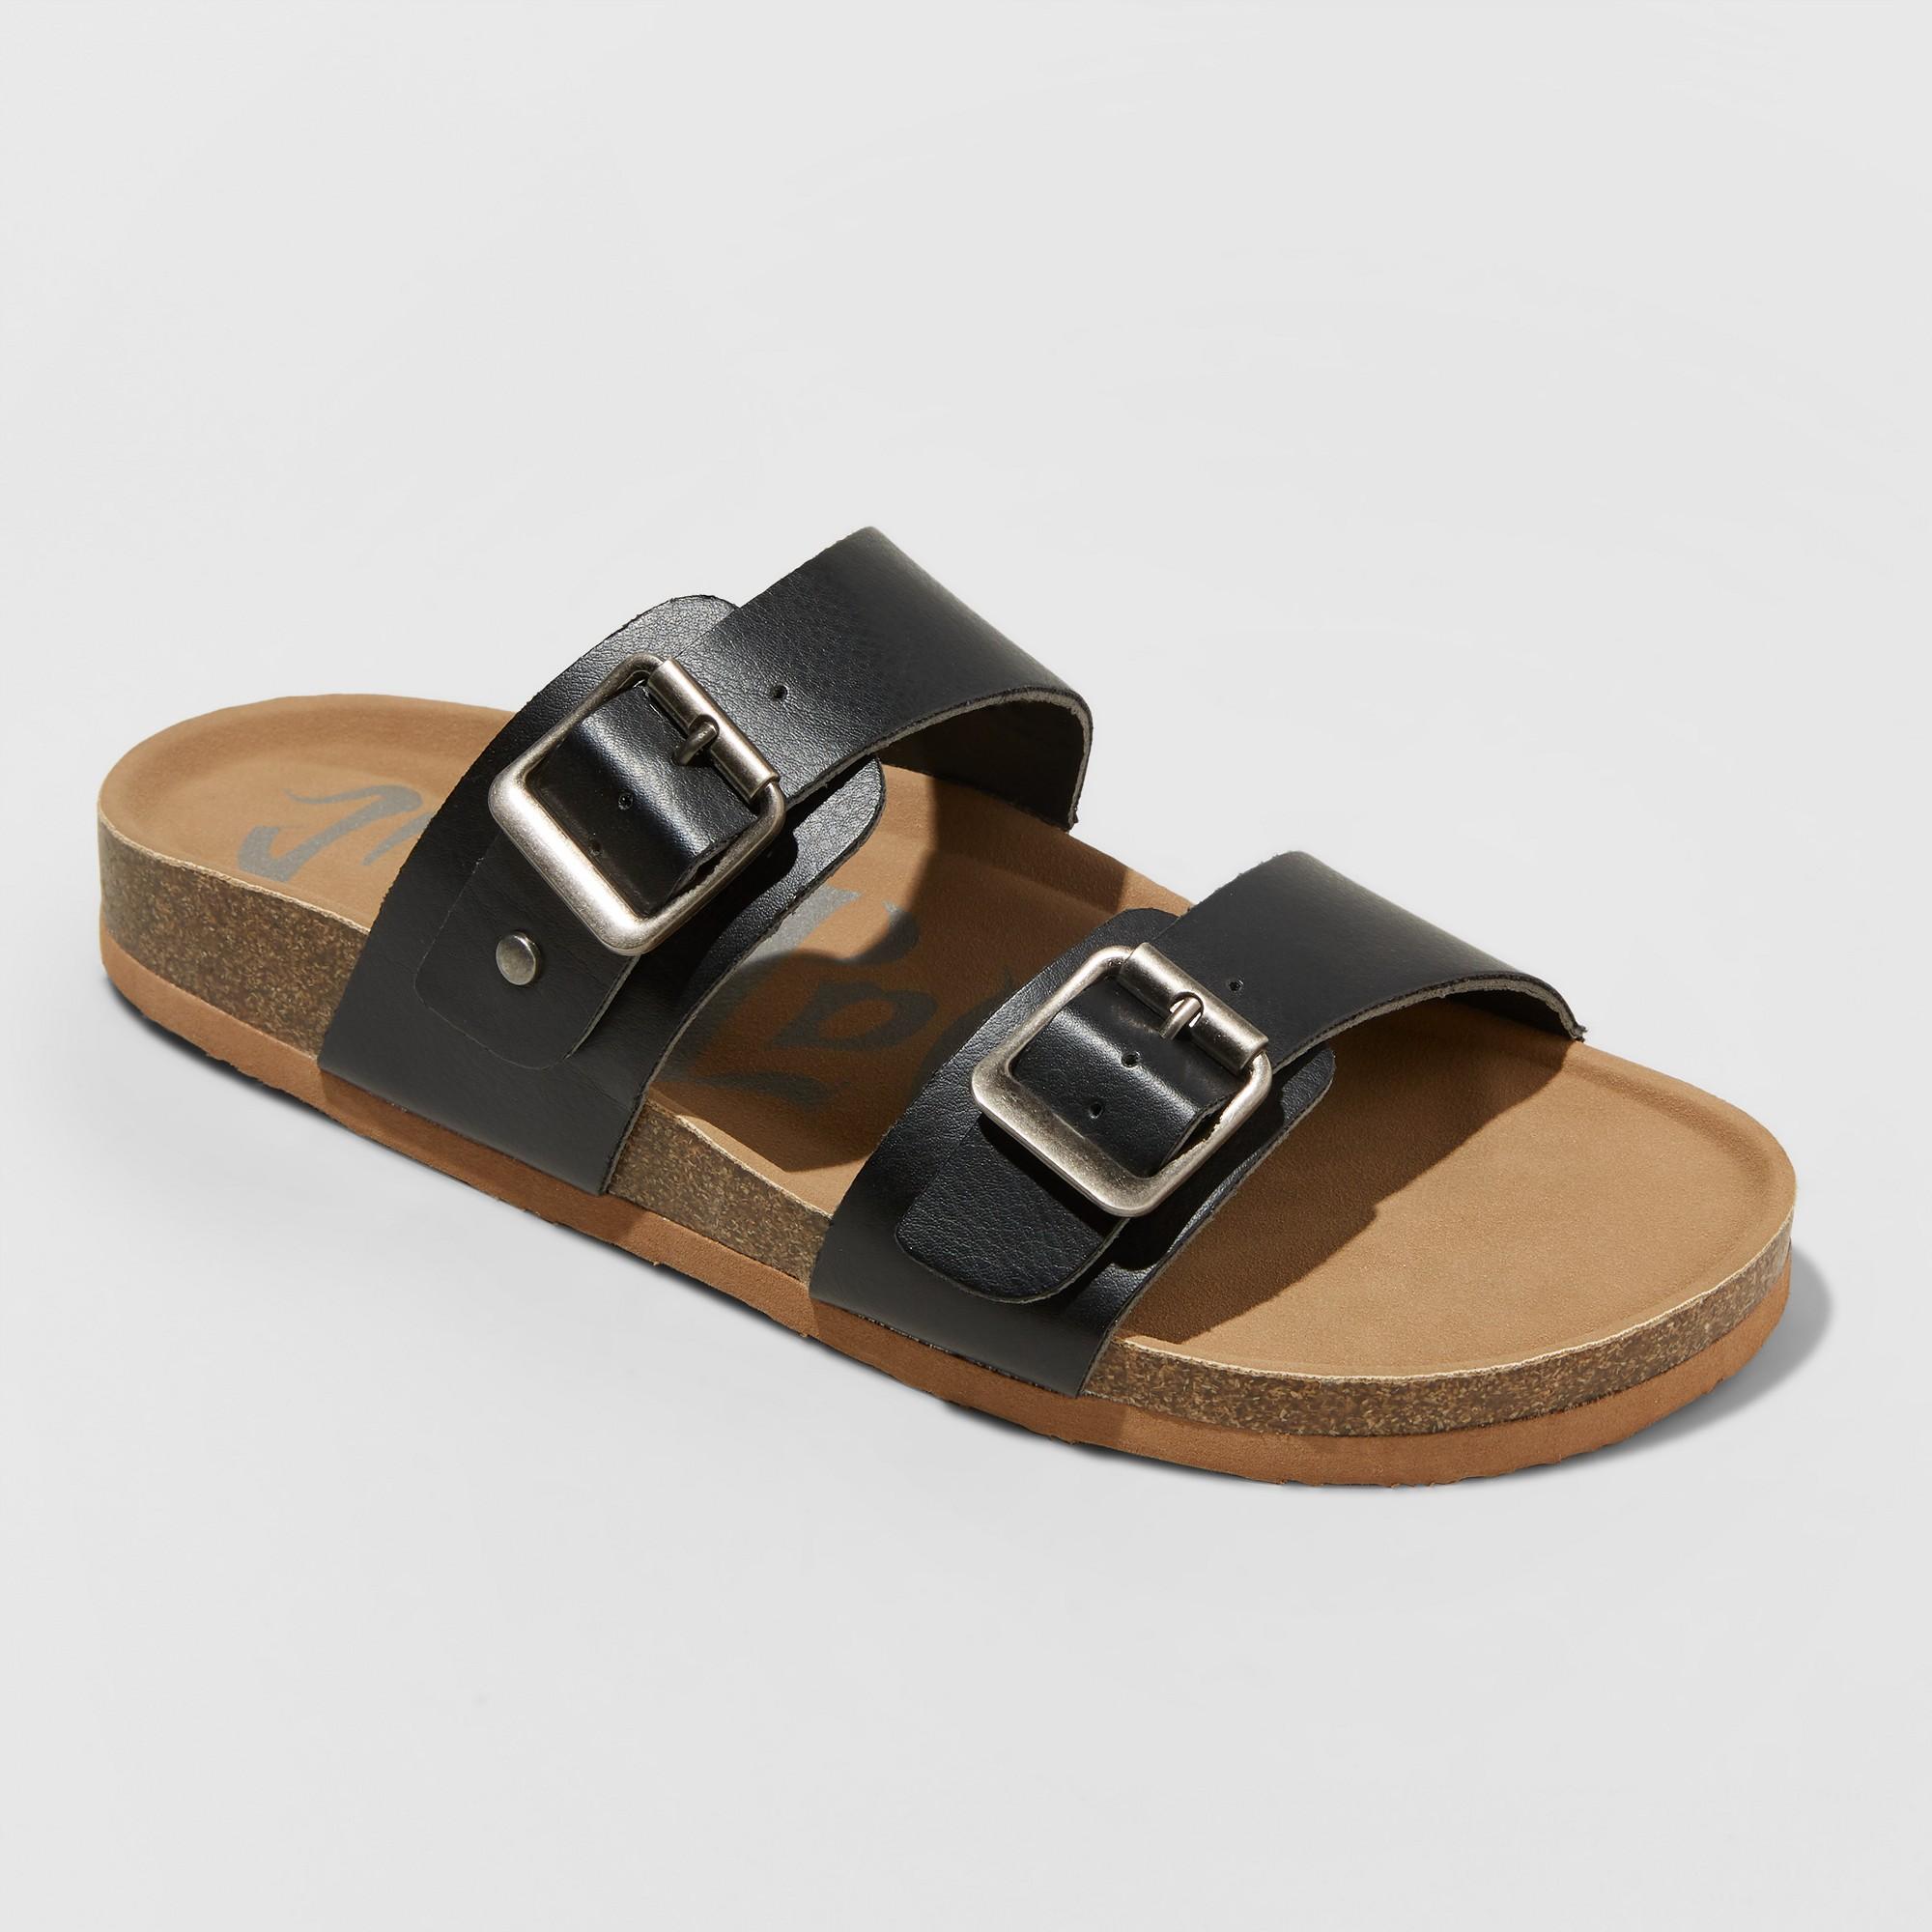 Women's Mad Love Wide Width Keava Footbed Sandal - Black 10W, Size: 10 Wide